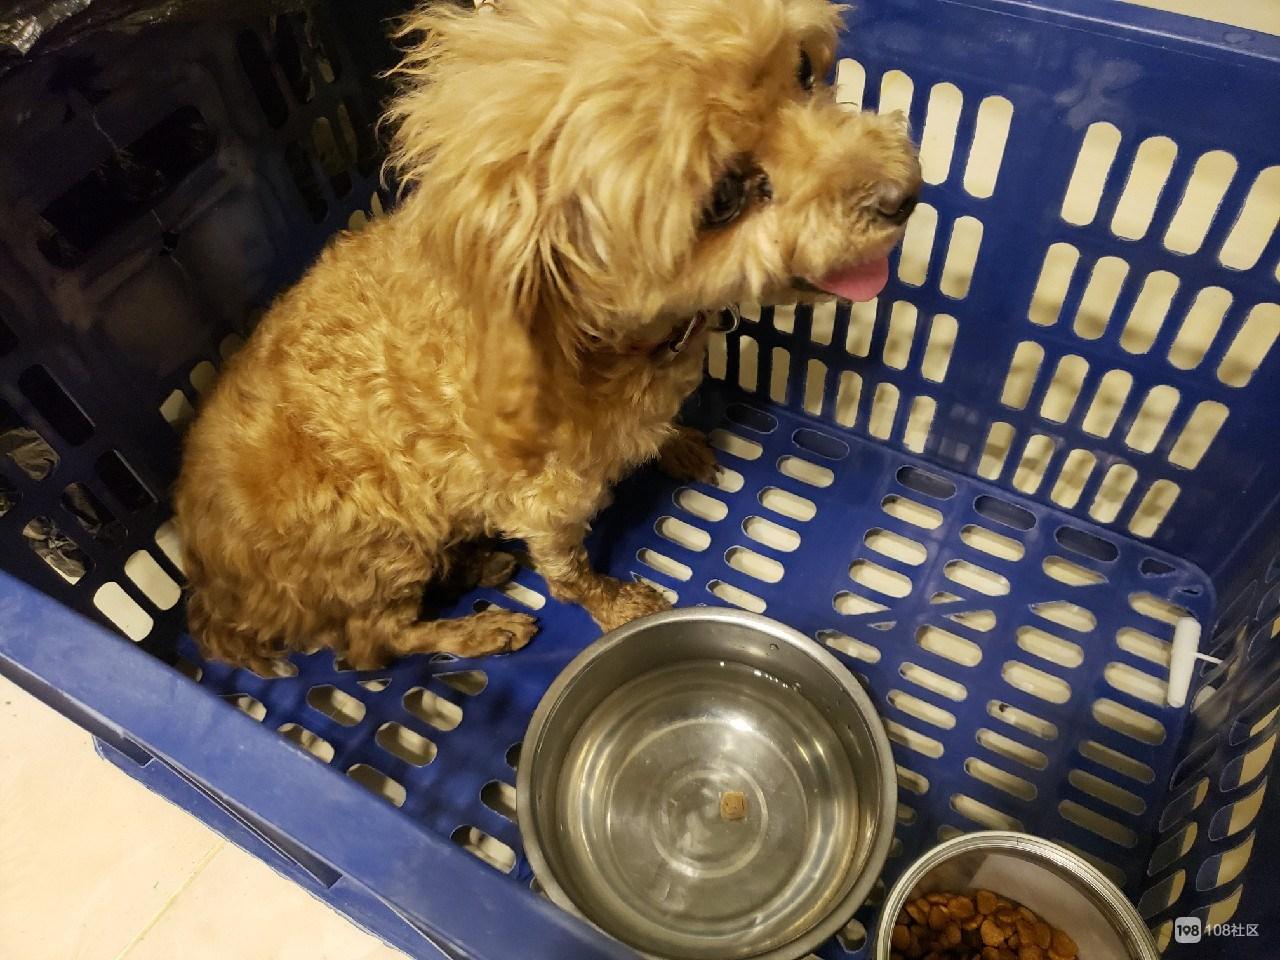 兴康南路菜场捡到一只小乖狗!眼泪汪汪,出草坪才拉粑粑